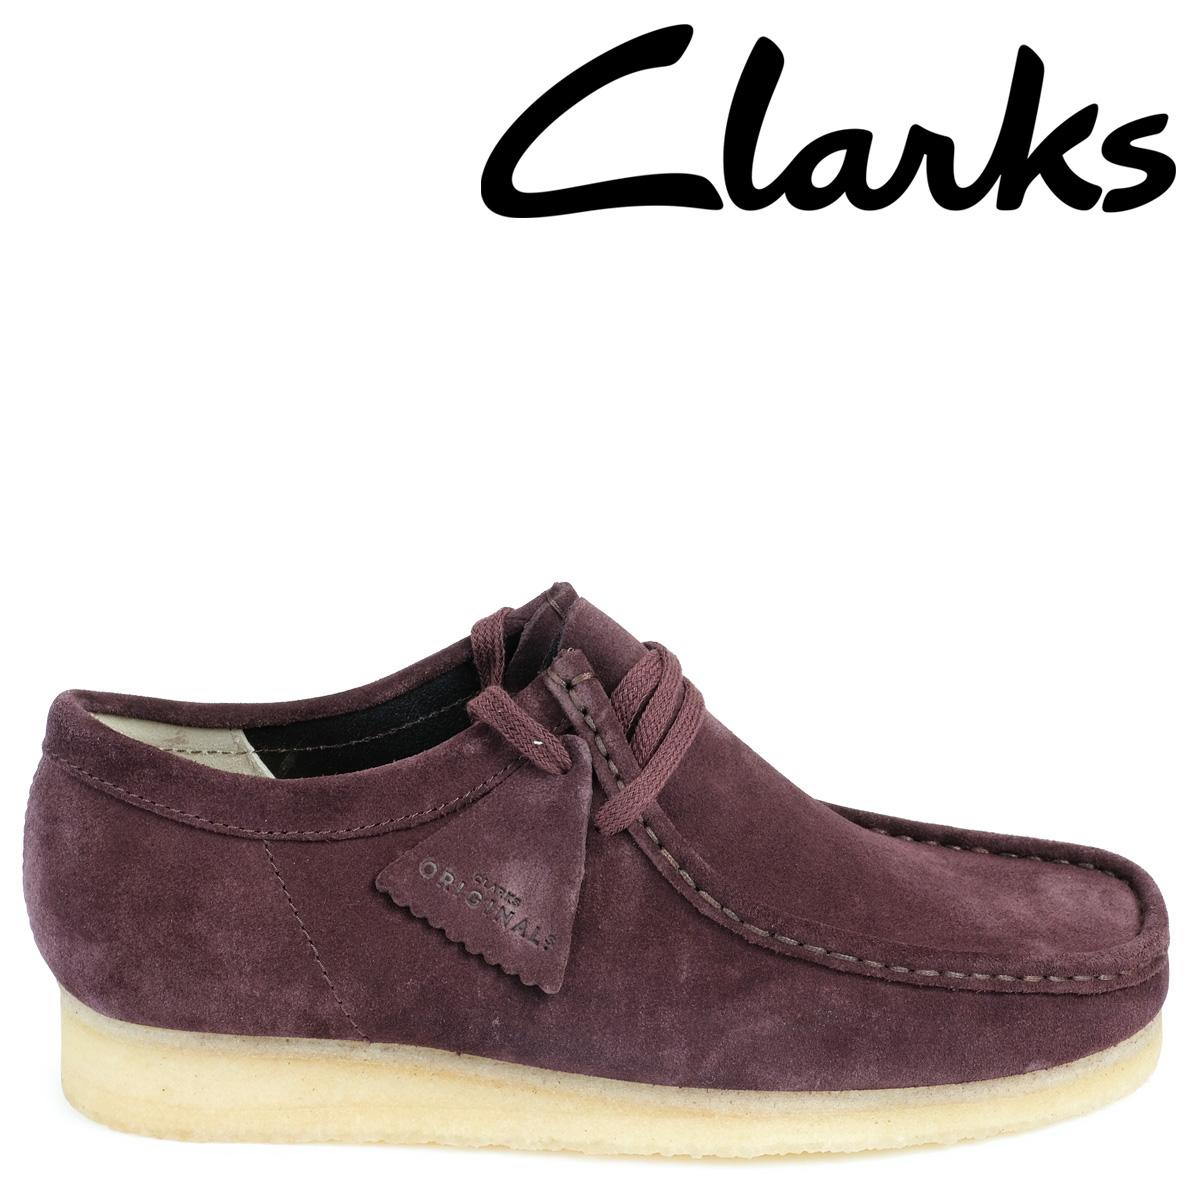 公式 Clarks ブーツ ワラビー ブーツ メンズ 靴 クラークス WALLABEE 26128510 26128510 靴 バーガンディー, 美人ワンピ専門店【Mimi GranT】:4ba746cb --- konecti.dominiotemporario.com